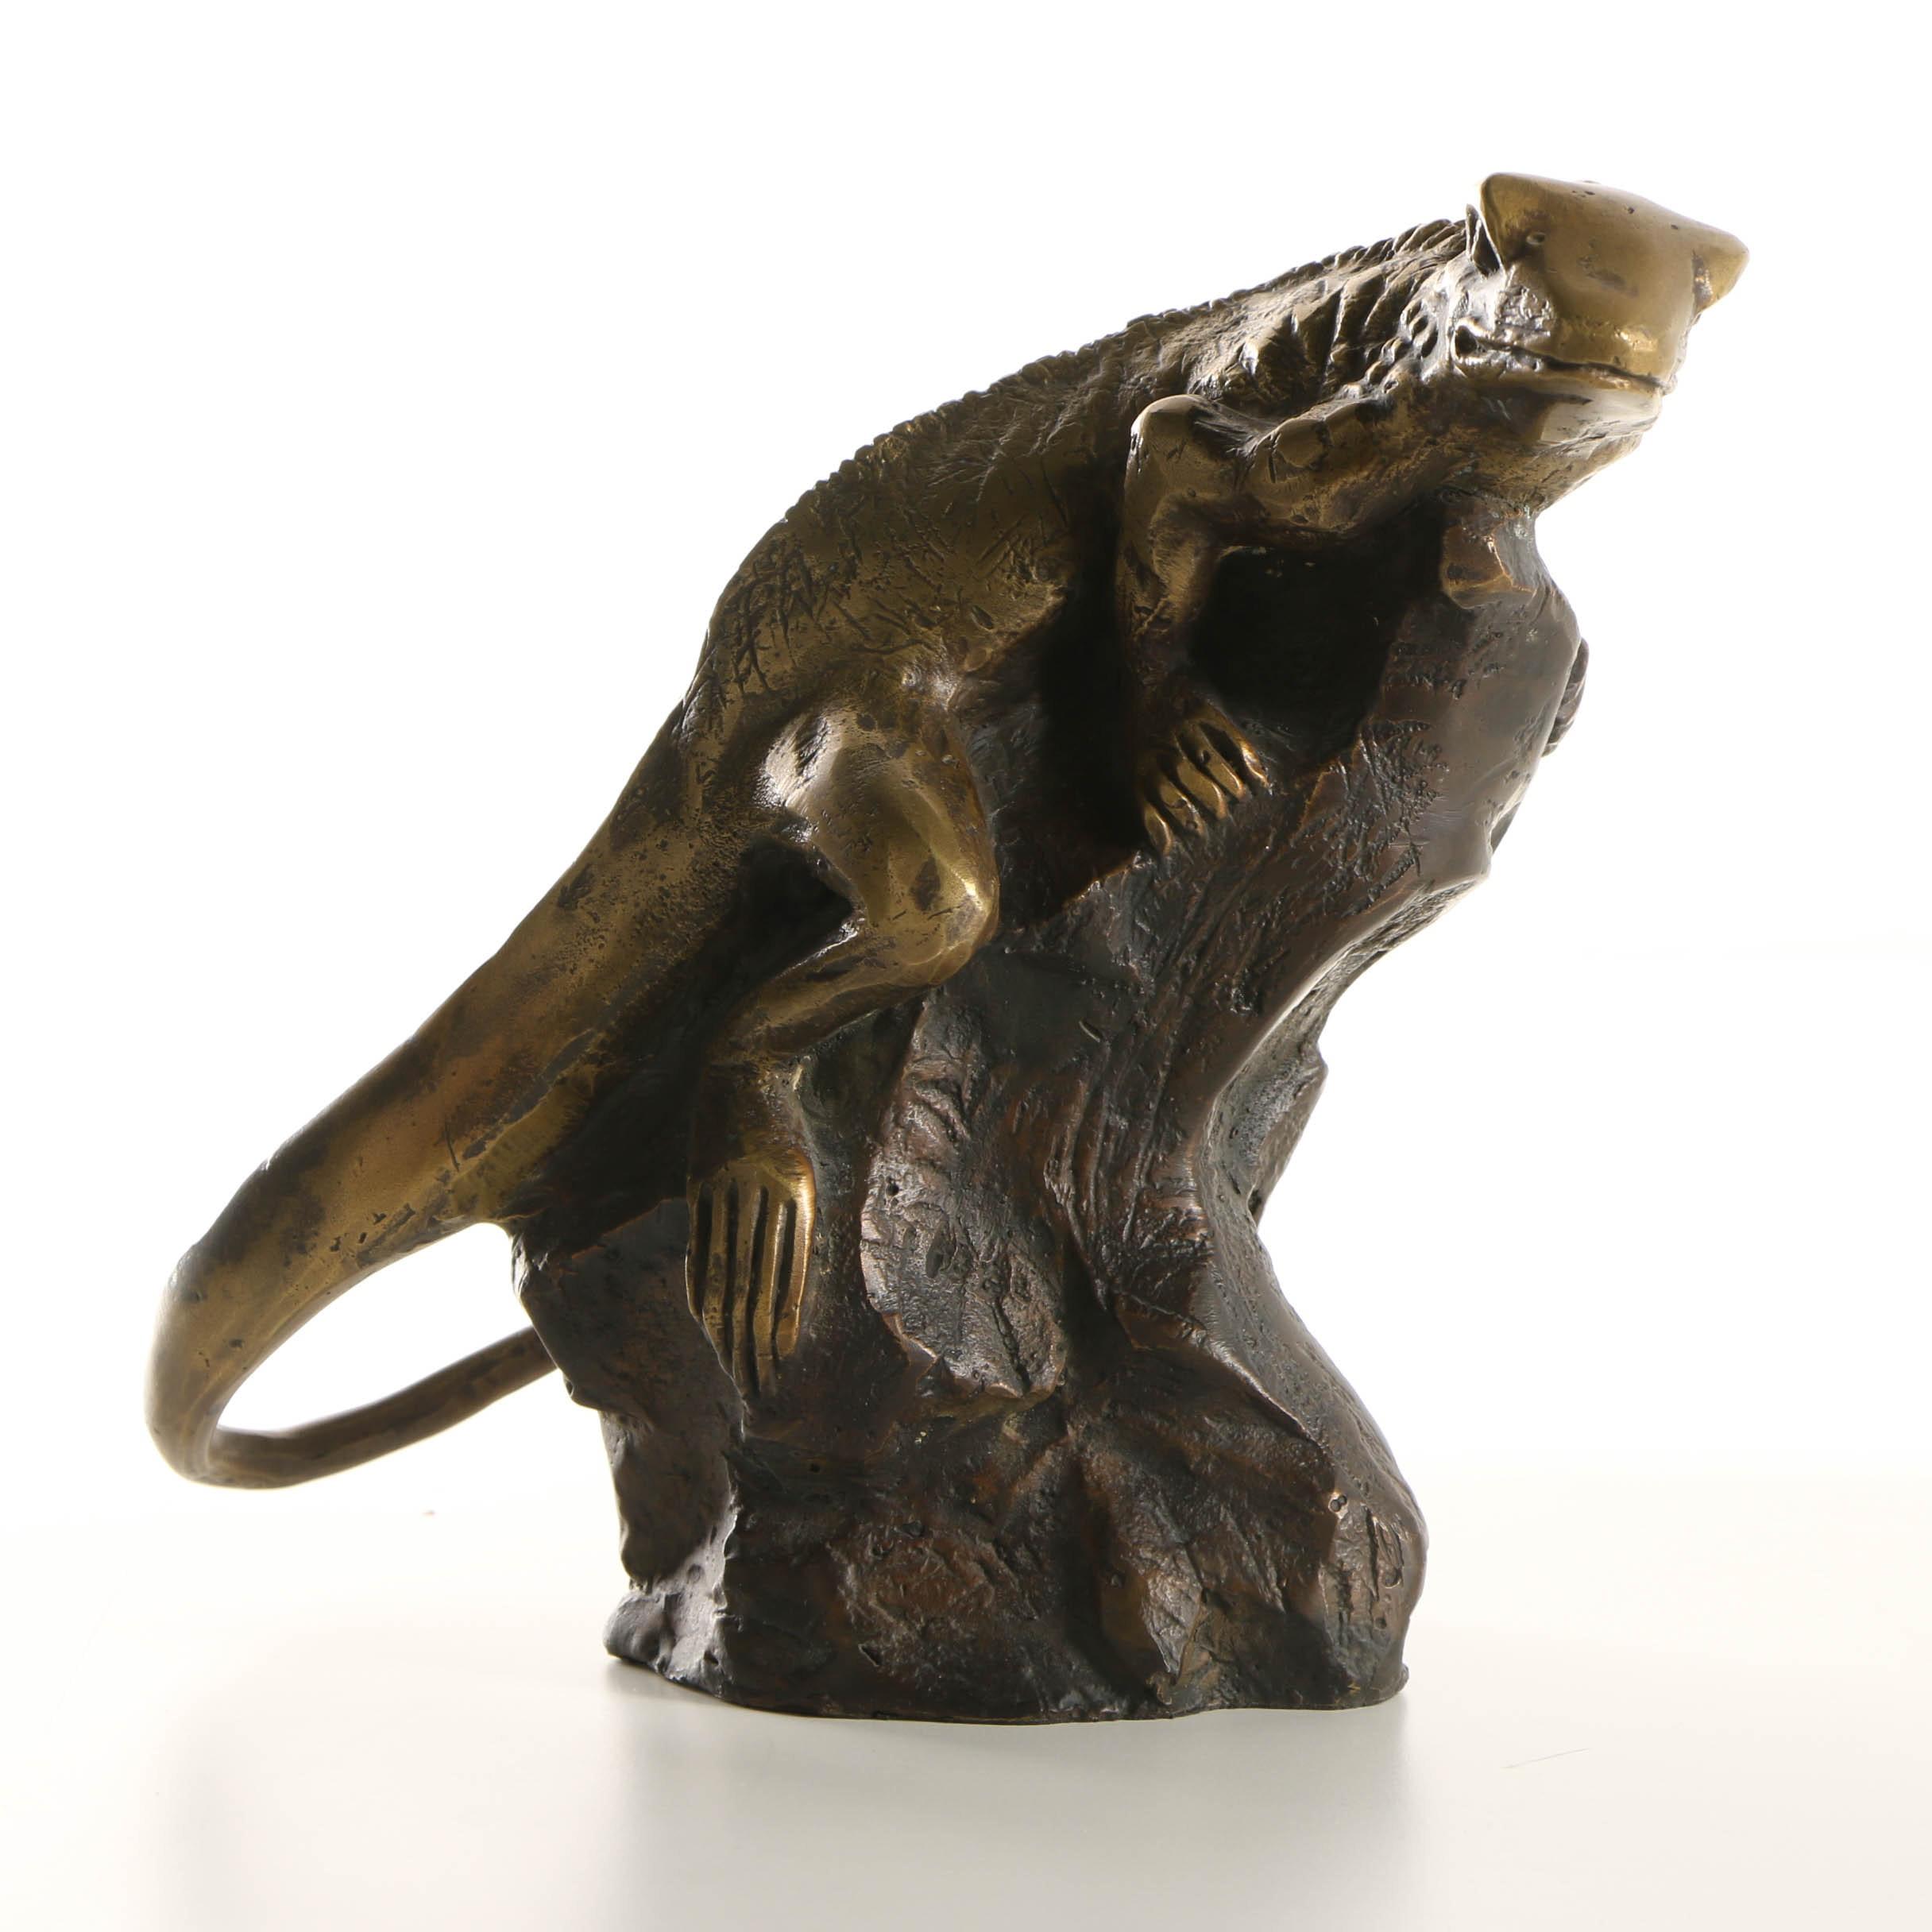 Brass Sculpture of a Lizard